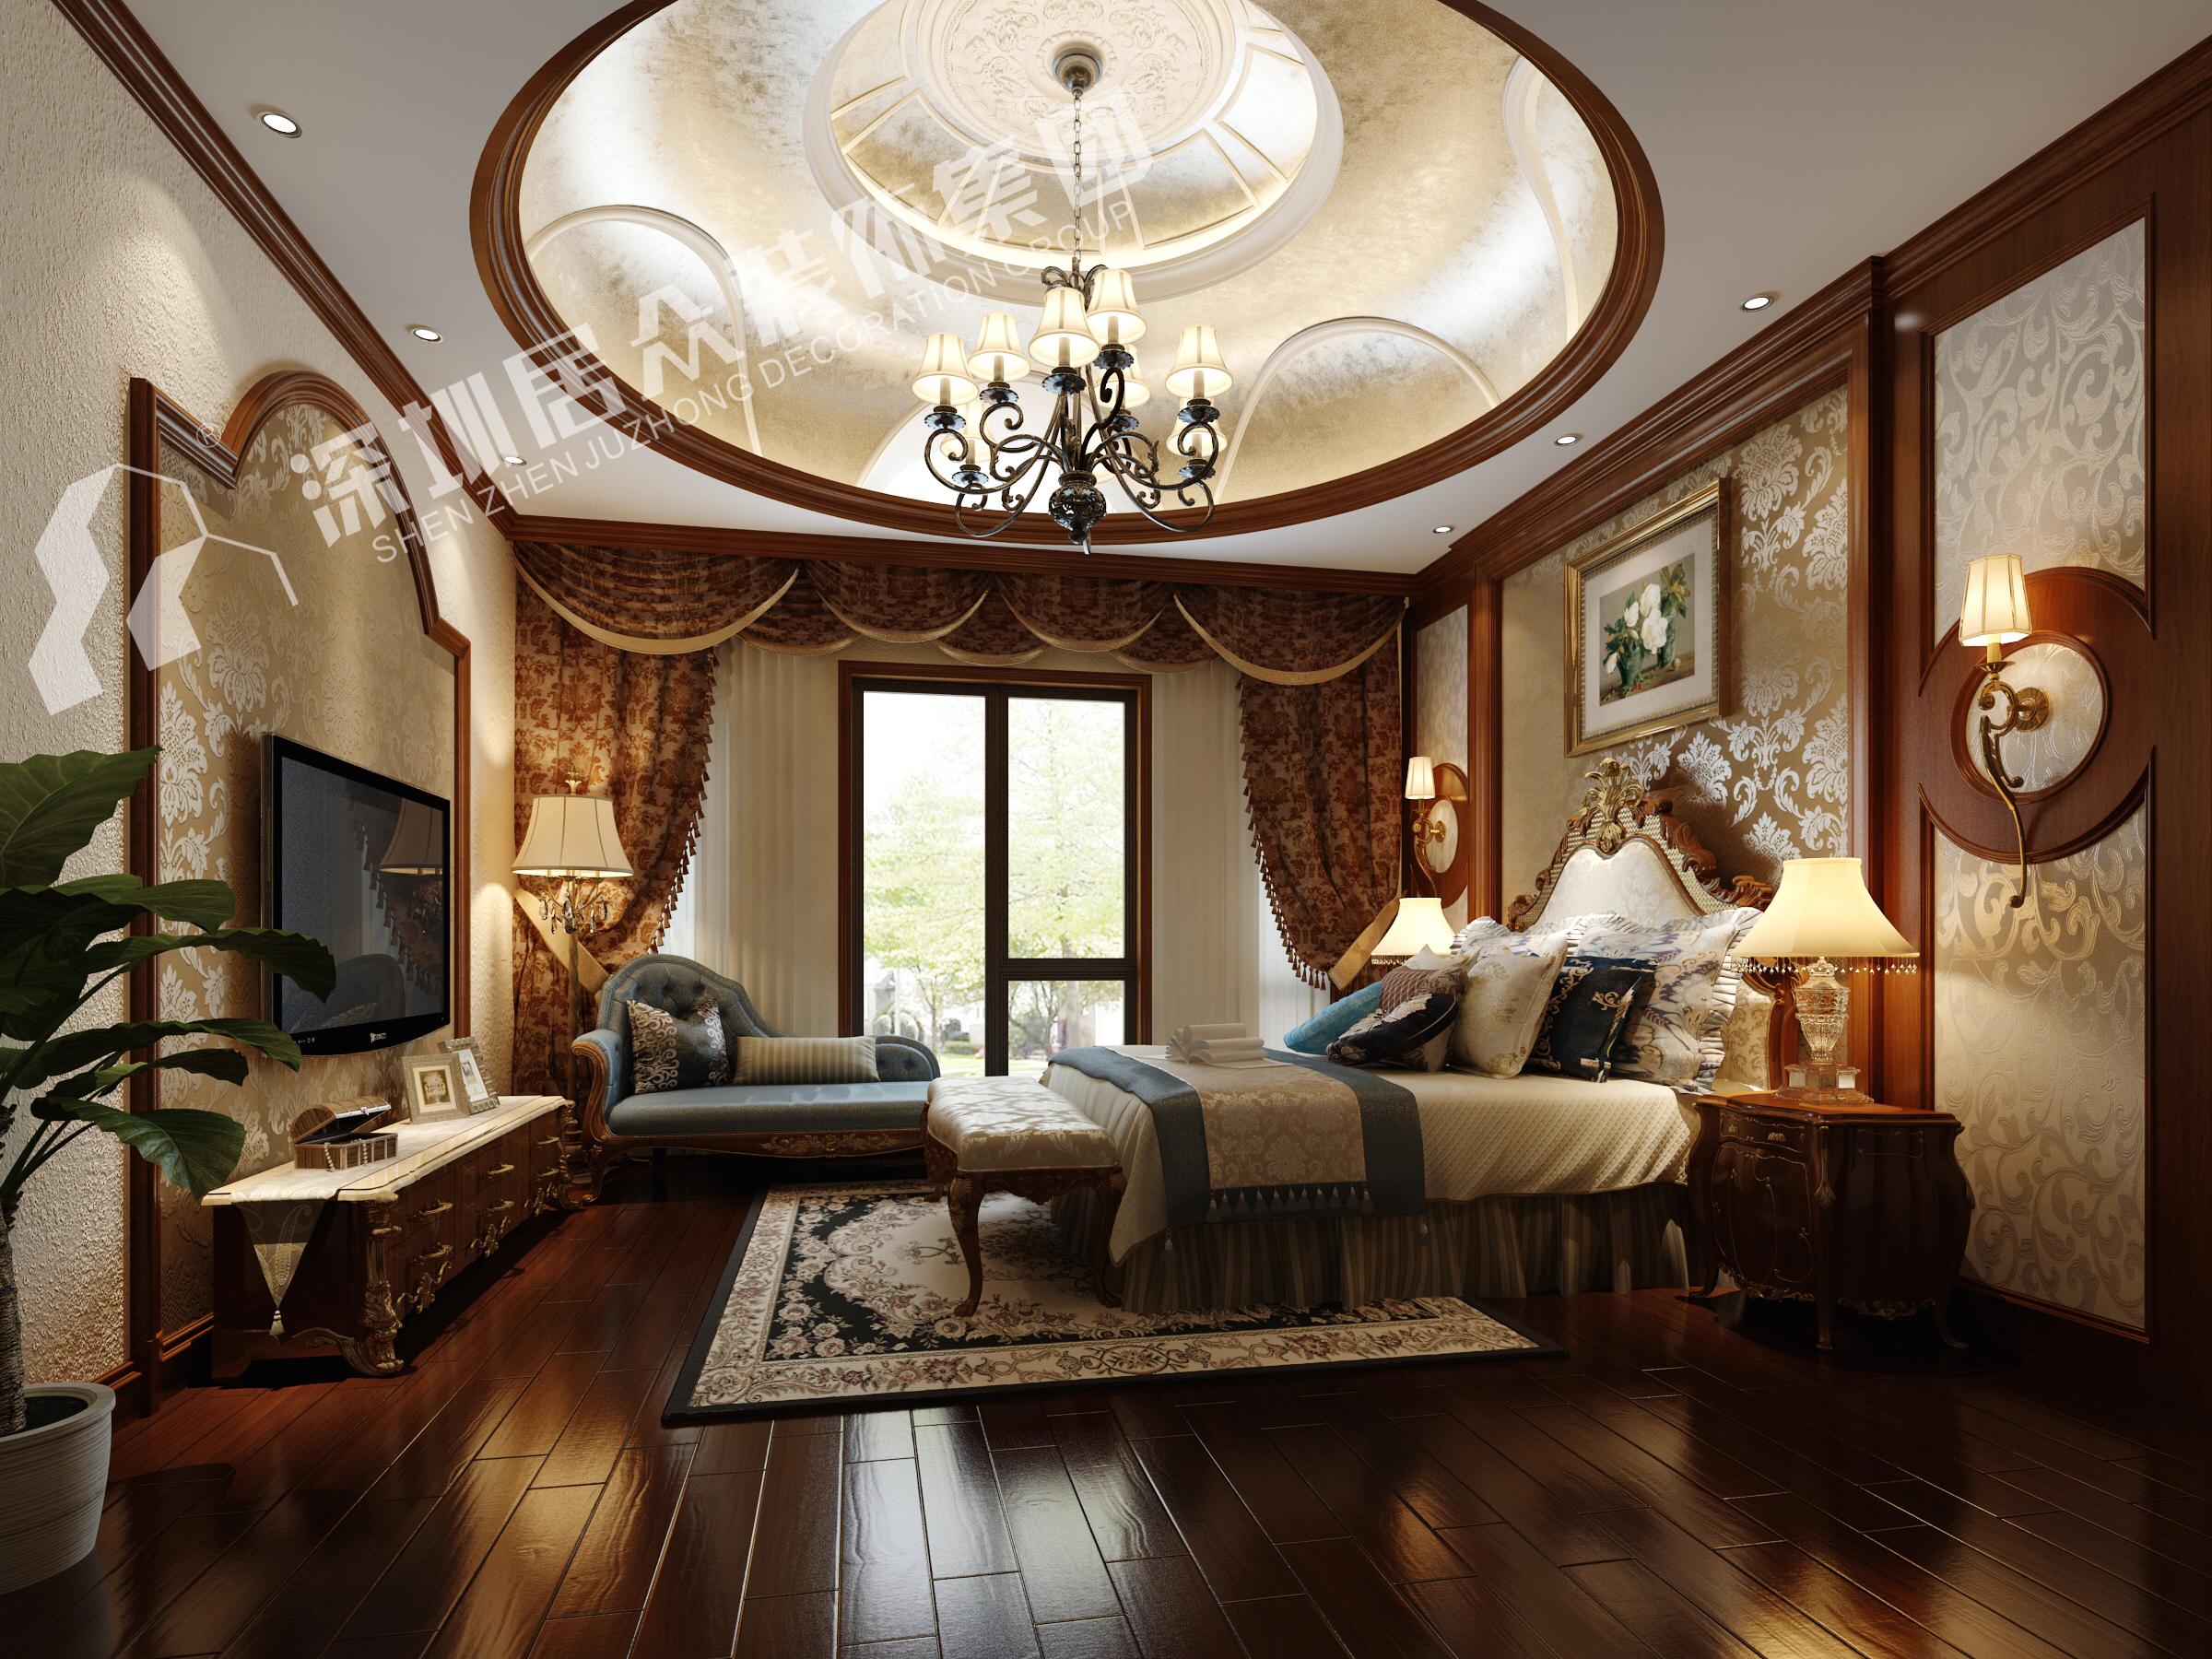 欧式 别墅 小资 卧室图片来自半城烟沙5949758236在复地花屿城——欧式风格的分享